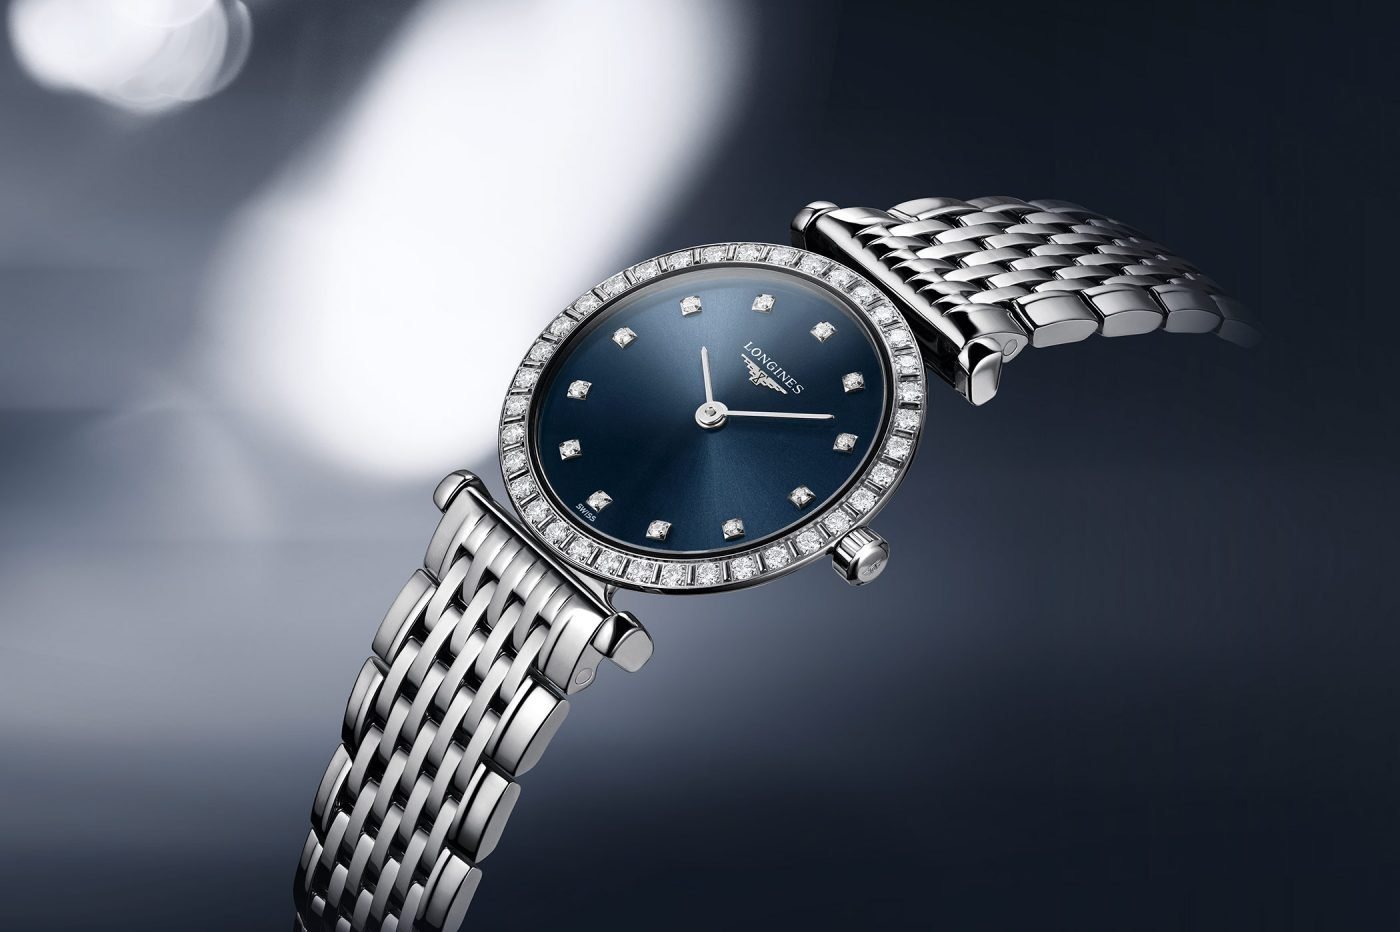 Longines La Grande Classique – damski klasyk z niebieską tarczą [cena]